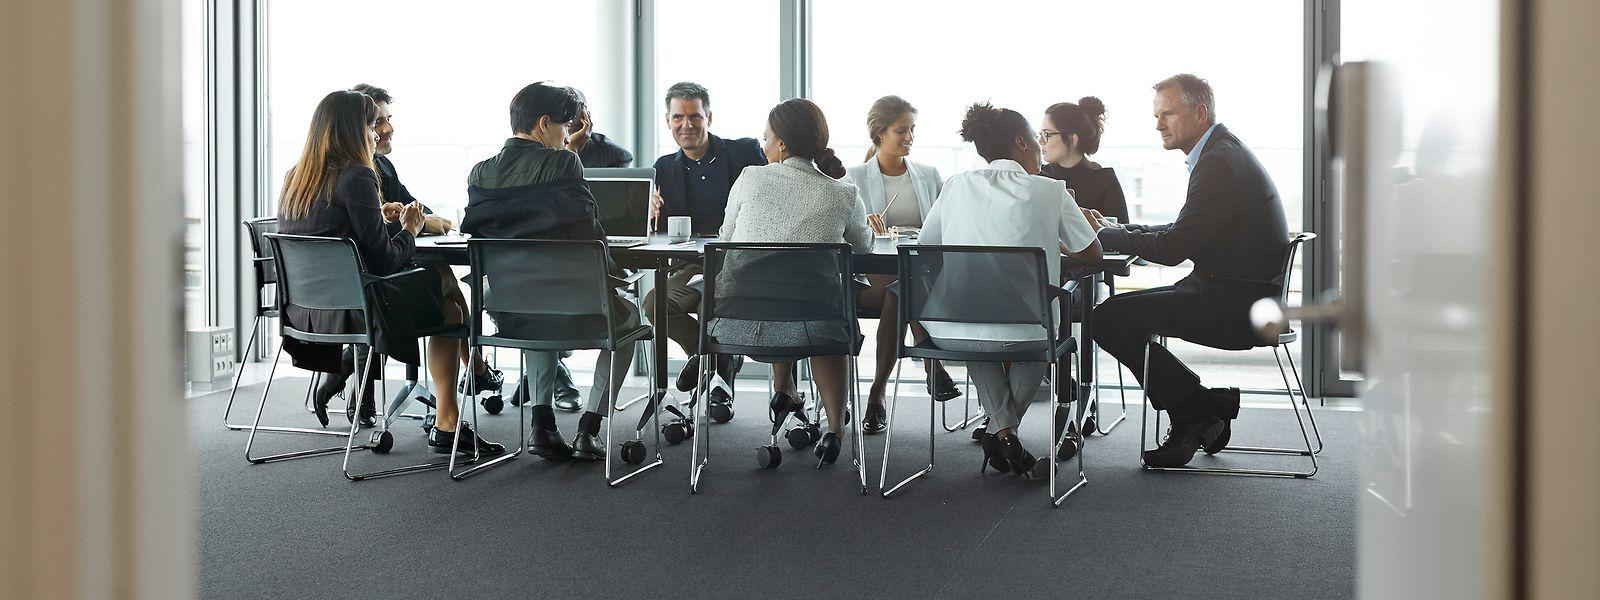 Selon le coach Enrico Abitelli, une réunion ne doit pas avoir plus d'une dizaine de participants pour être efficace.